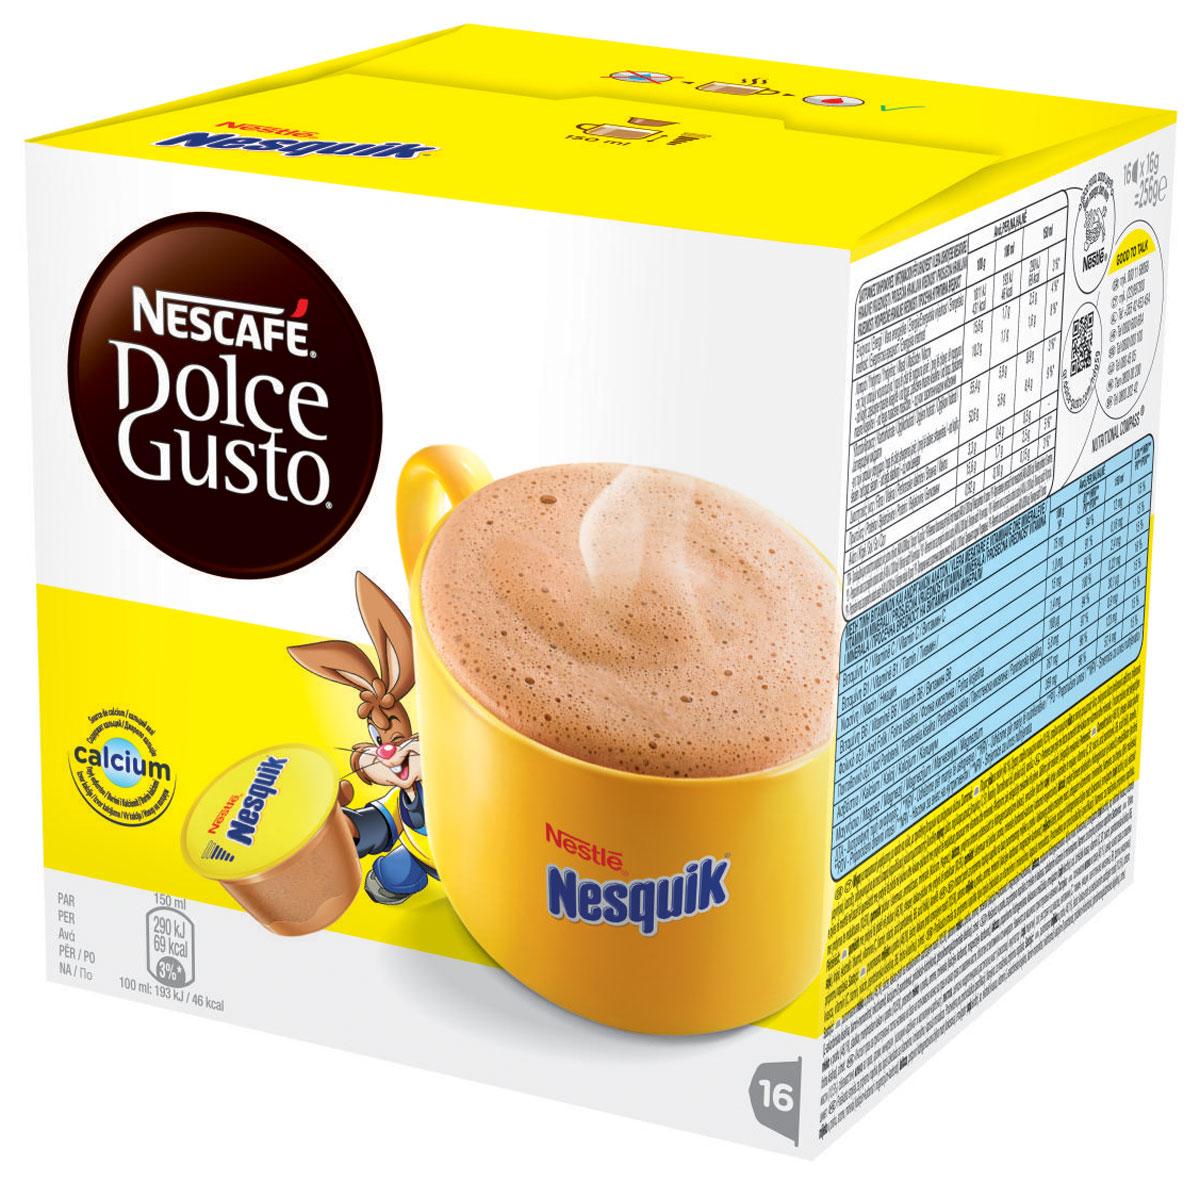 Nescafe Dolce Gusto Nesquik какао в капсулах, 16 шт0120710Нет ничего лучше чашечки ароматного согревающего шоколадного напитка Nescafe Dolce Gusto Nesquik. Насладитесь вкуснейшим напитком - неважно, готовите ли вы его ребенку или сами желаете на миг вернуться в мир детства. Кролик Квики мгновенно наполнит вашу чашку горячим ароматным какао-напитком.Состав капсулы: молоко сухое цельное (46,1%), сахар, какао порошок (10,5%), молоко сухое обезжиренное, ароматизаторы, минеральные вещества (карбонат кальция и карбонат магния), соль, экстракт дрожжей, витамины (С, B1, ниацин, пантотеновая кислота, В6, фолиевая кислота), корица.